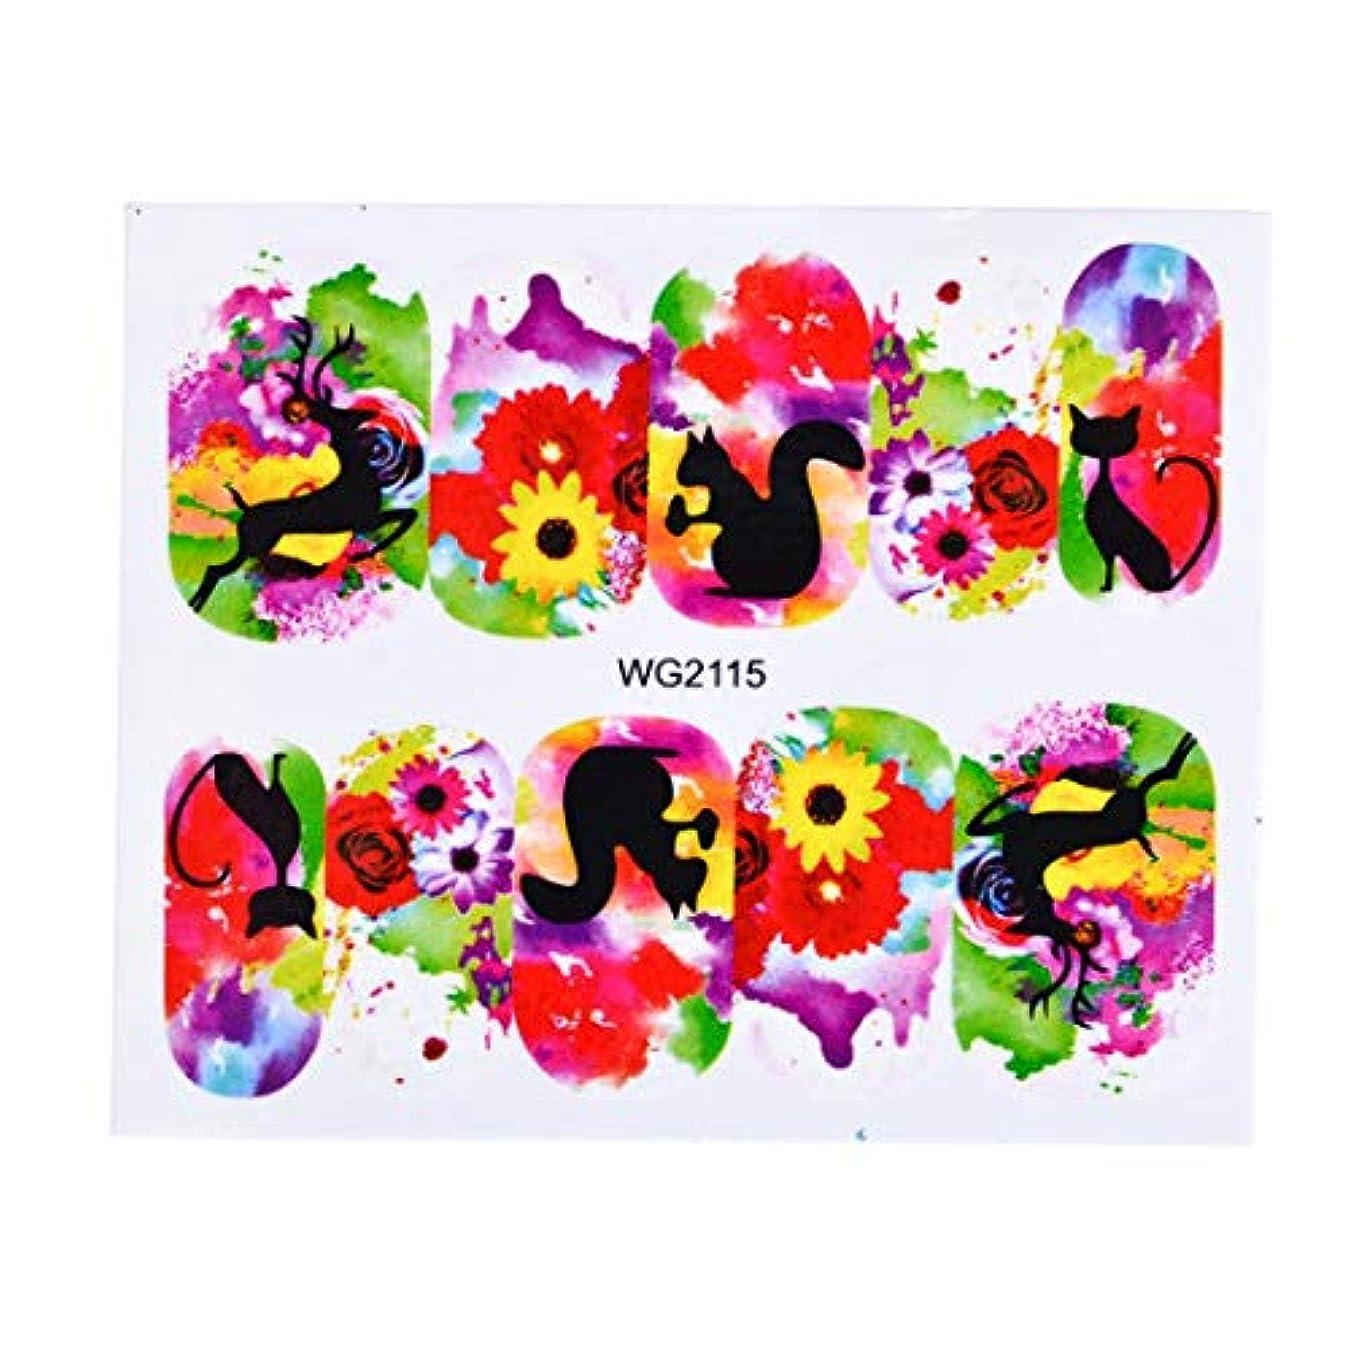 ピカリング酸素強制SUKTI&XIAO ネイルステッカー 1枚の花のスライダーの水移動のステッカーの釘の芸術のピンクのばらの花のステッカーの女性の美の構造は釘の装飾、Wg2115を覆います